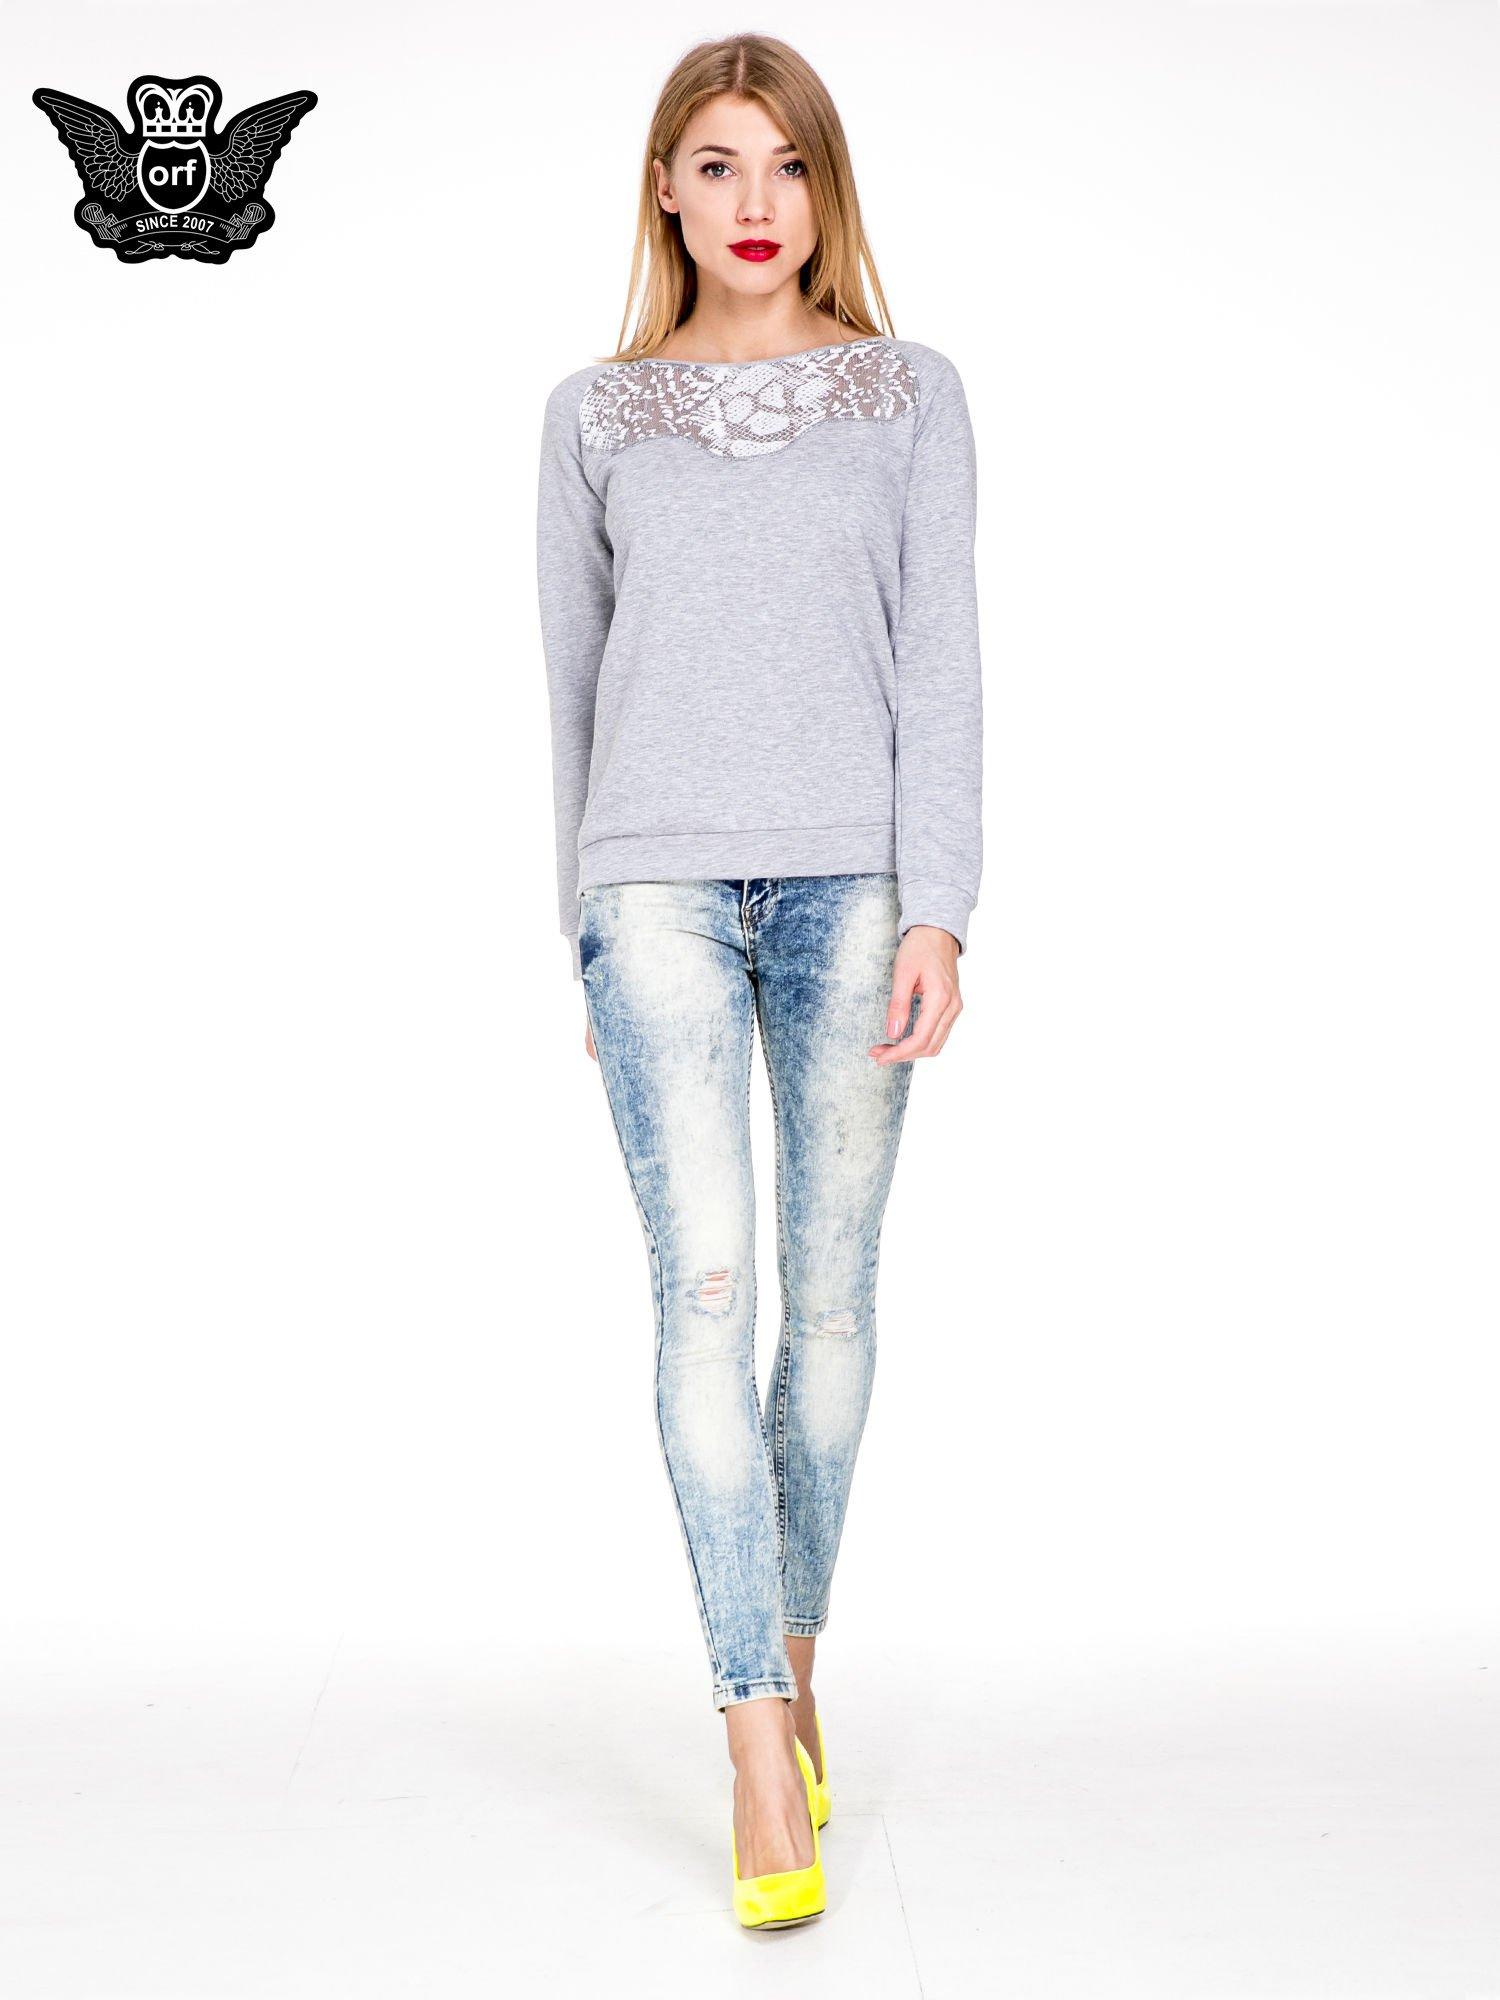 Jasnoniebieskie spodnie skinny jeans z dziurami i modelującym rozjaśnieniem                                  zdj.                                  2